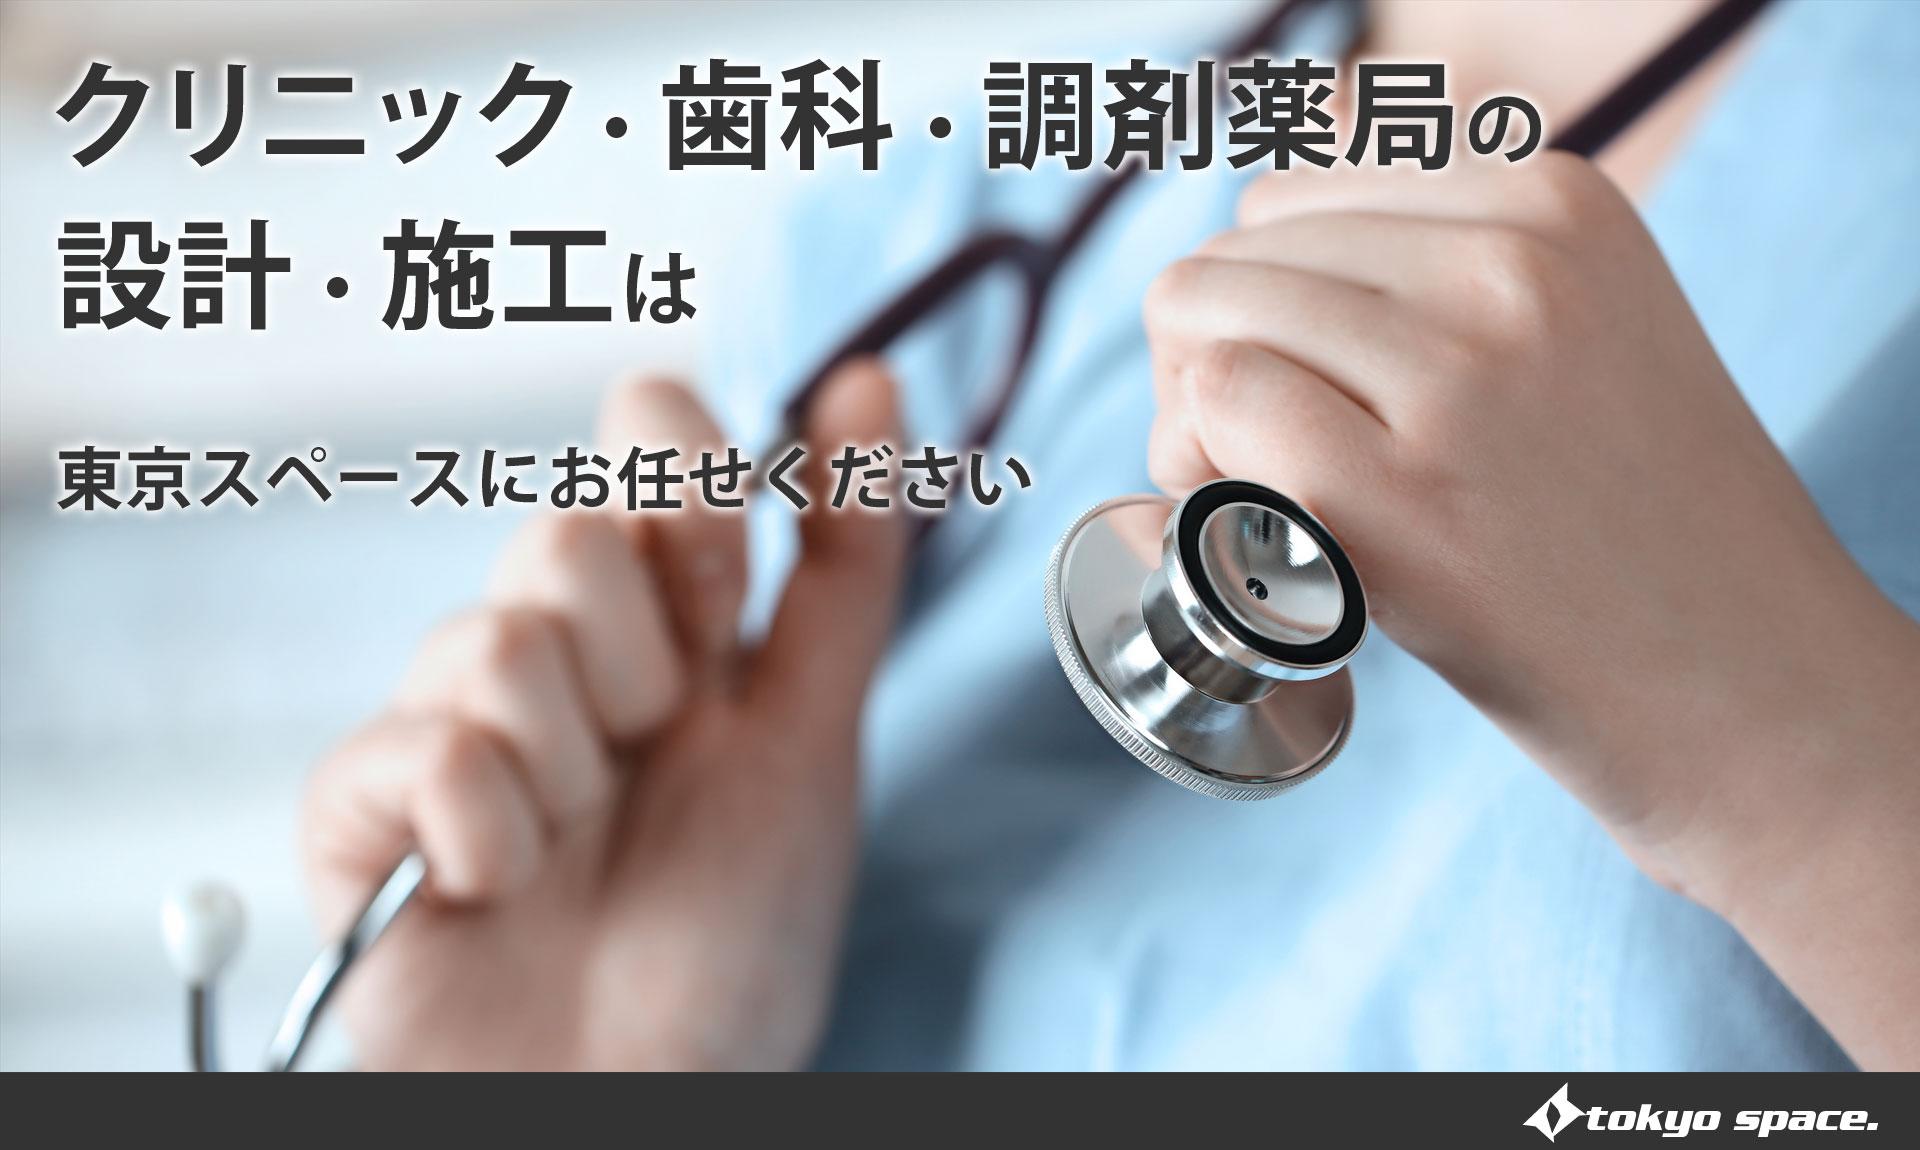 クリニック・歯科・調剤薬局の設計・施工は東京スペースにお任せください